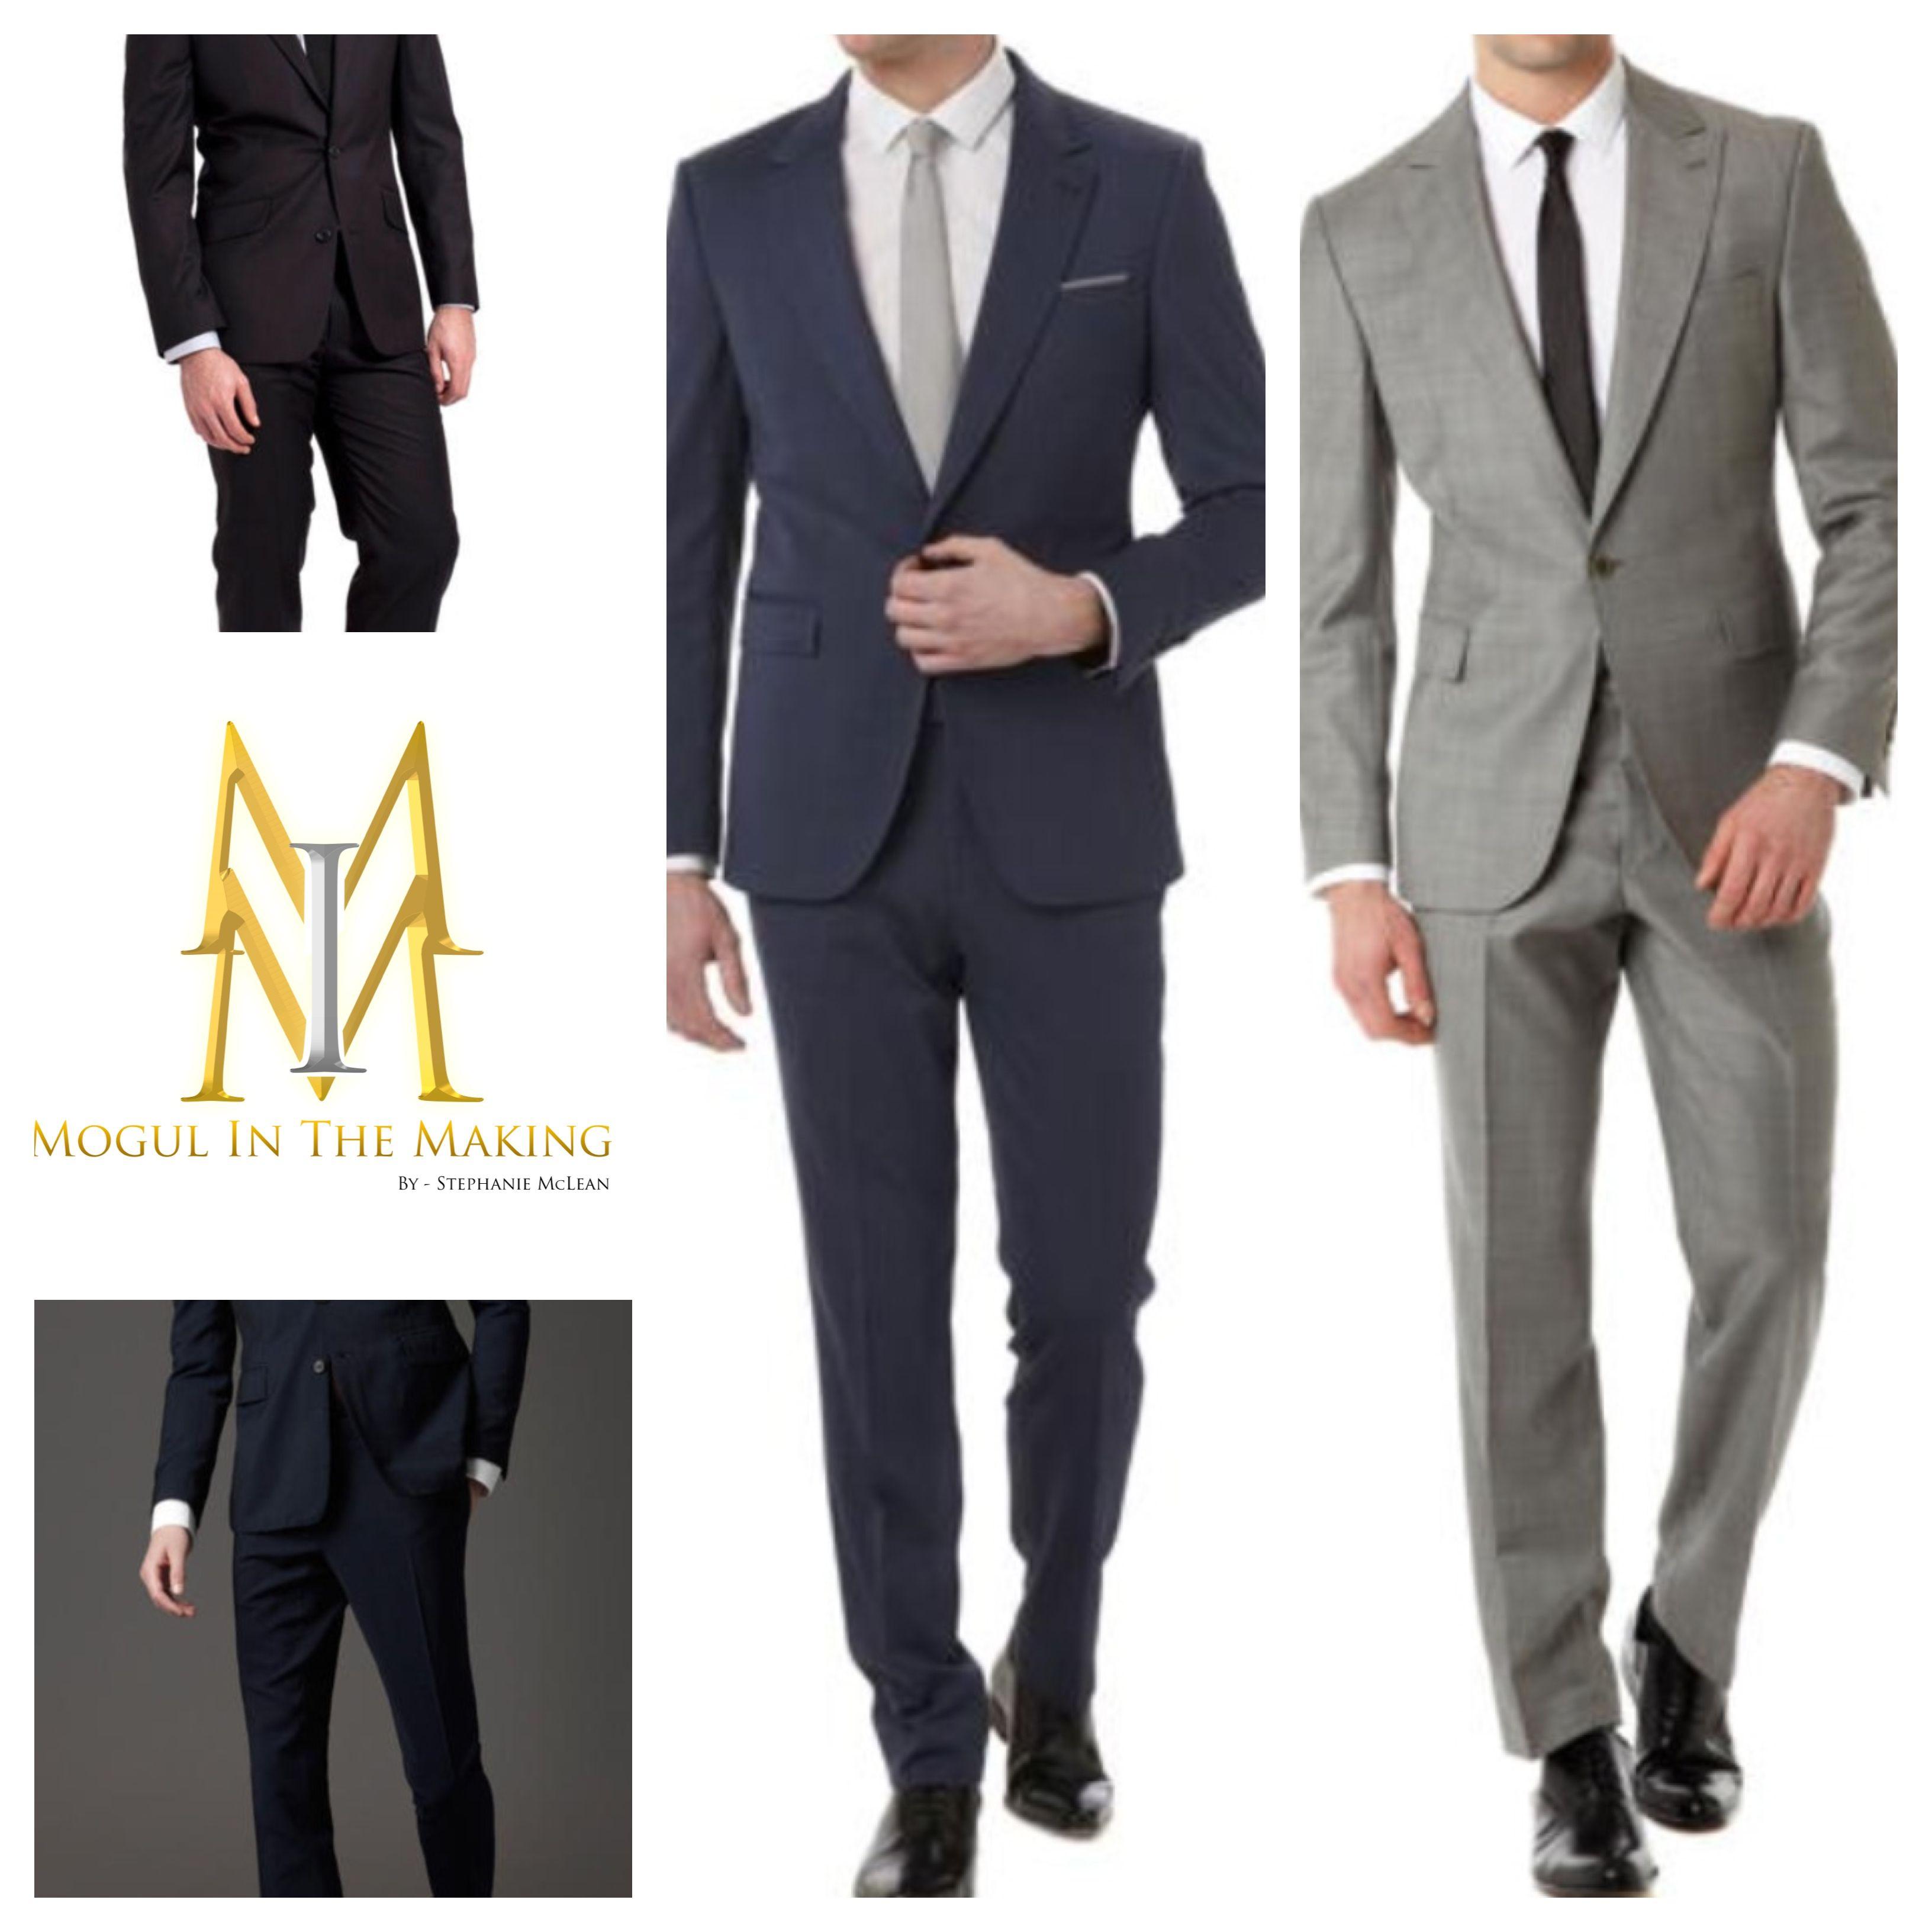 $150 custom men's suit blow out sale @ www.trendytreat.com Code: 9PR8COFOXCUM